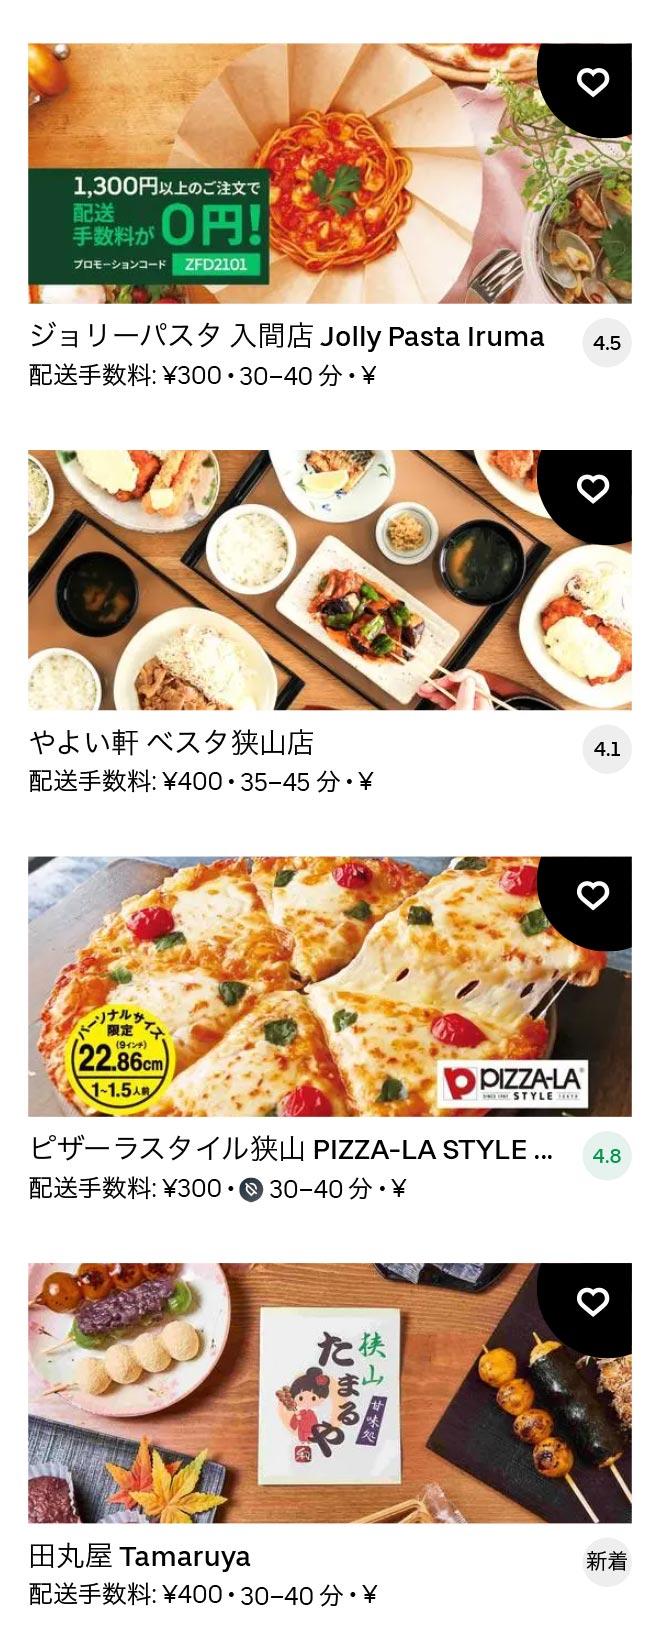 Iriso menu 2102 11